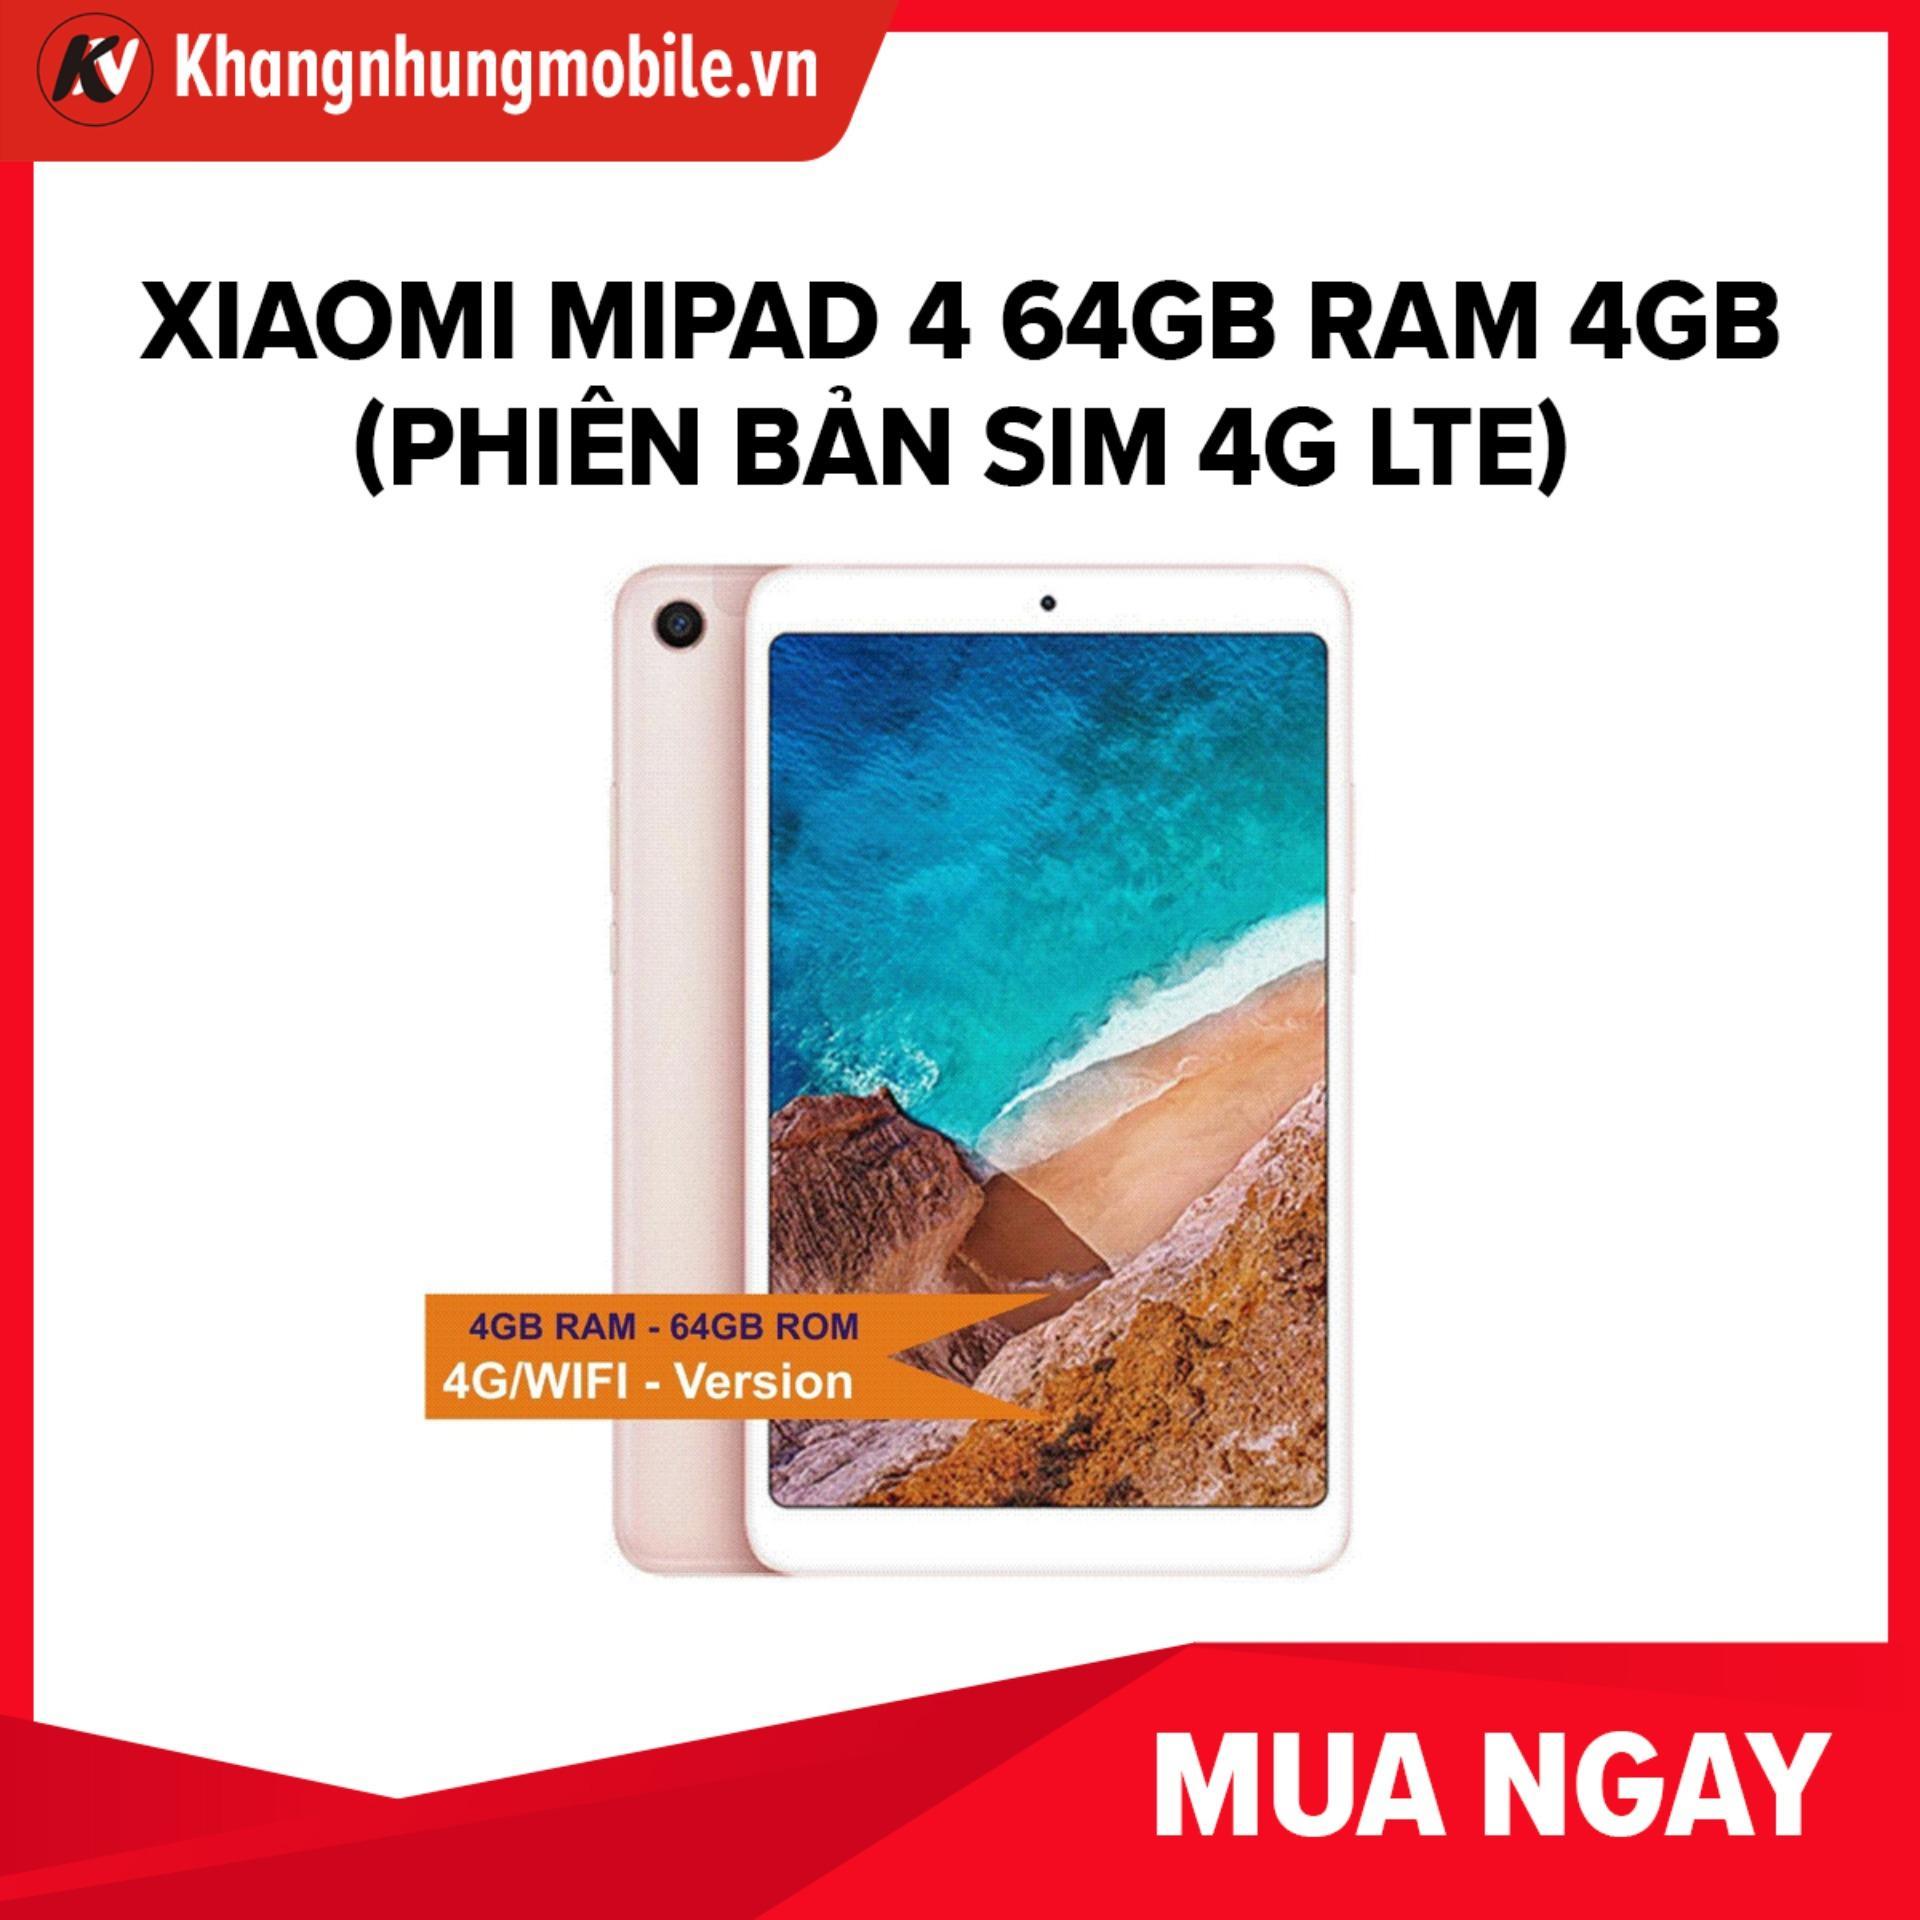 Mã Giảm Giá tại Lazada cho Xiaomi Mipad 4, Mi Pad4, Mi Pad 4 64GB Ram 4GB (Phiên Bản Sim 4G LTE) Khang Nhung - Hàng Nhập Khẩu